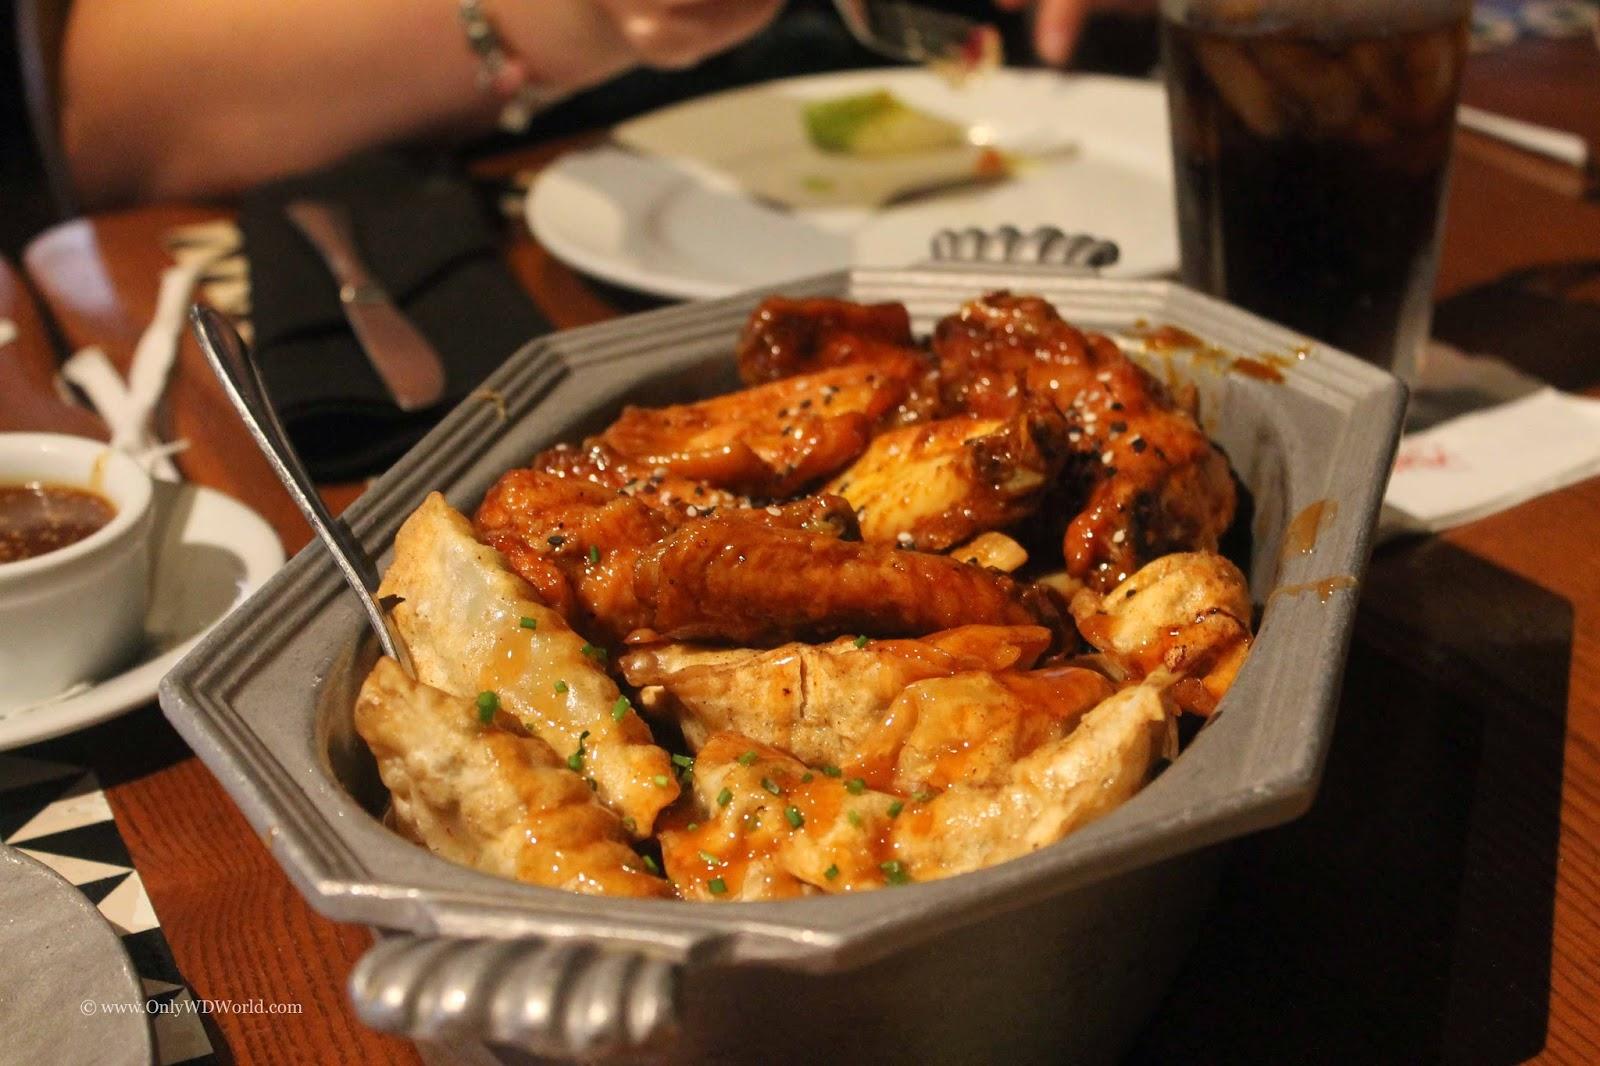 Delightful Disney World Food Of The Day: Honey Coriander Wings U0026 Pork Fried Dumplings  From U0027Ohana